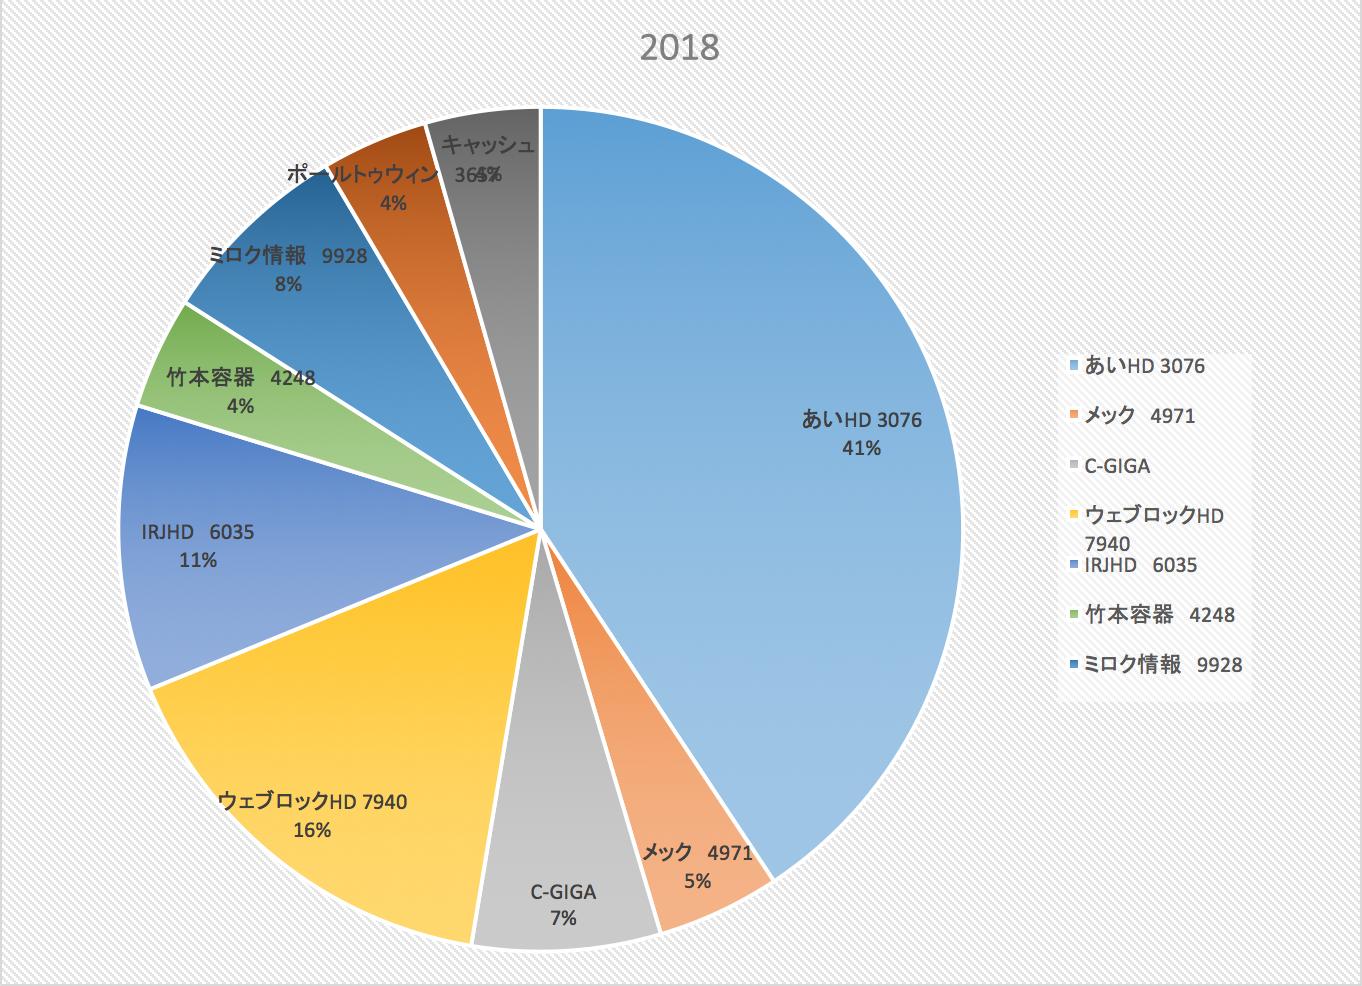 アナタハ神ヲシンジマスカ(株式投資成績報告2017/1/12)